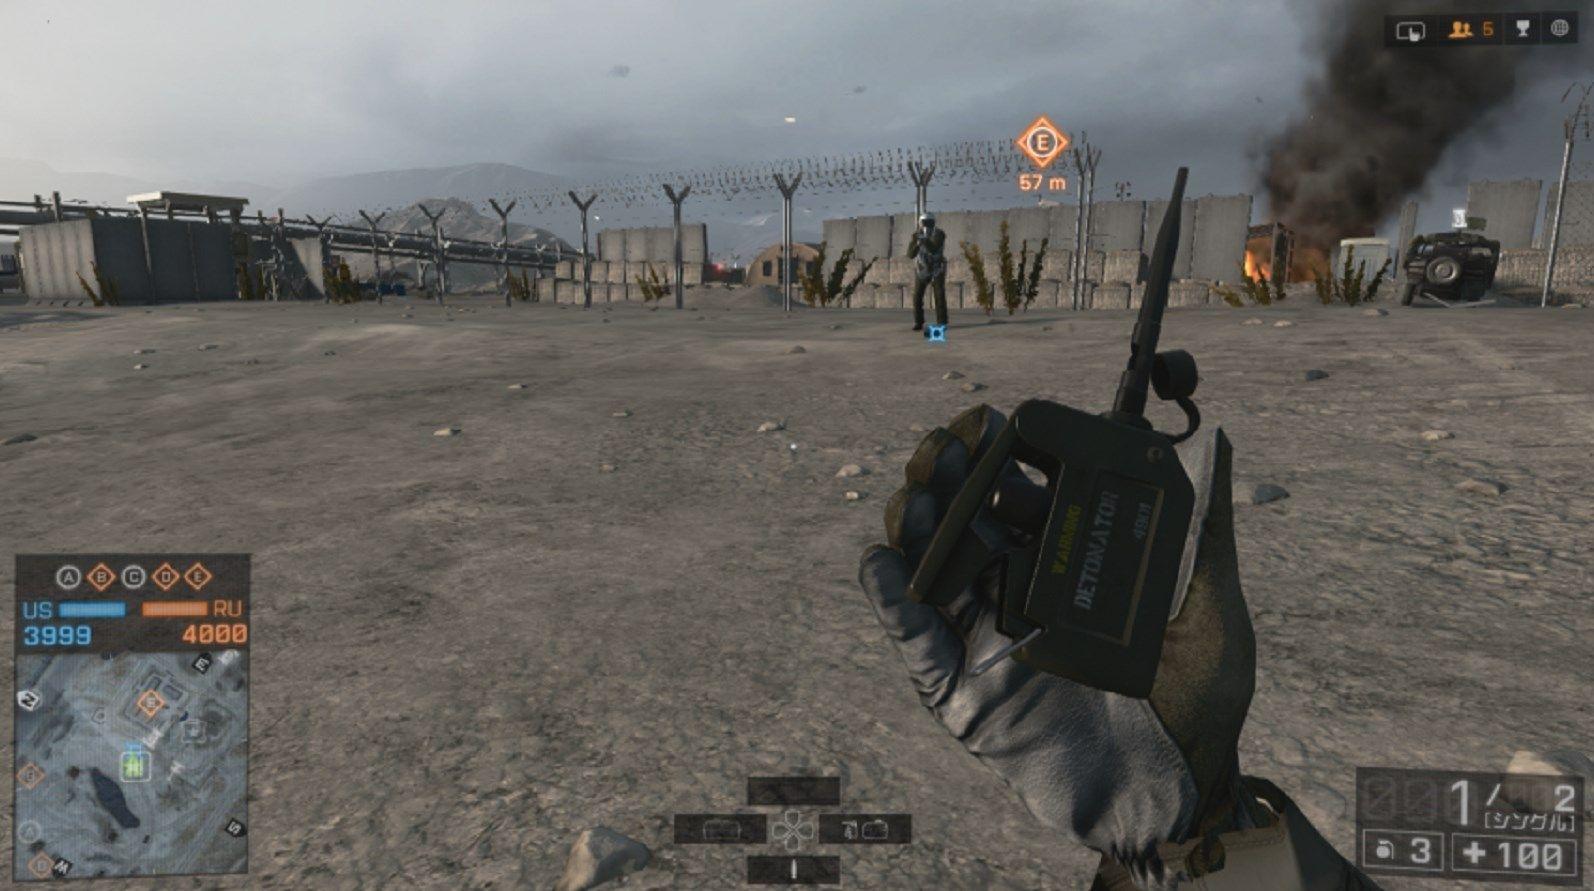 【BF4】C4爆弾起爆後どのぐらいでダメージが入るのか? : ゲーム ...